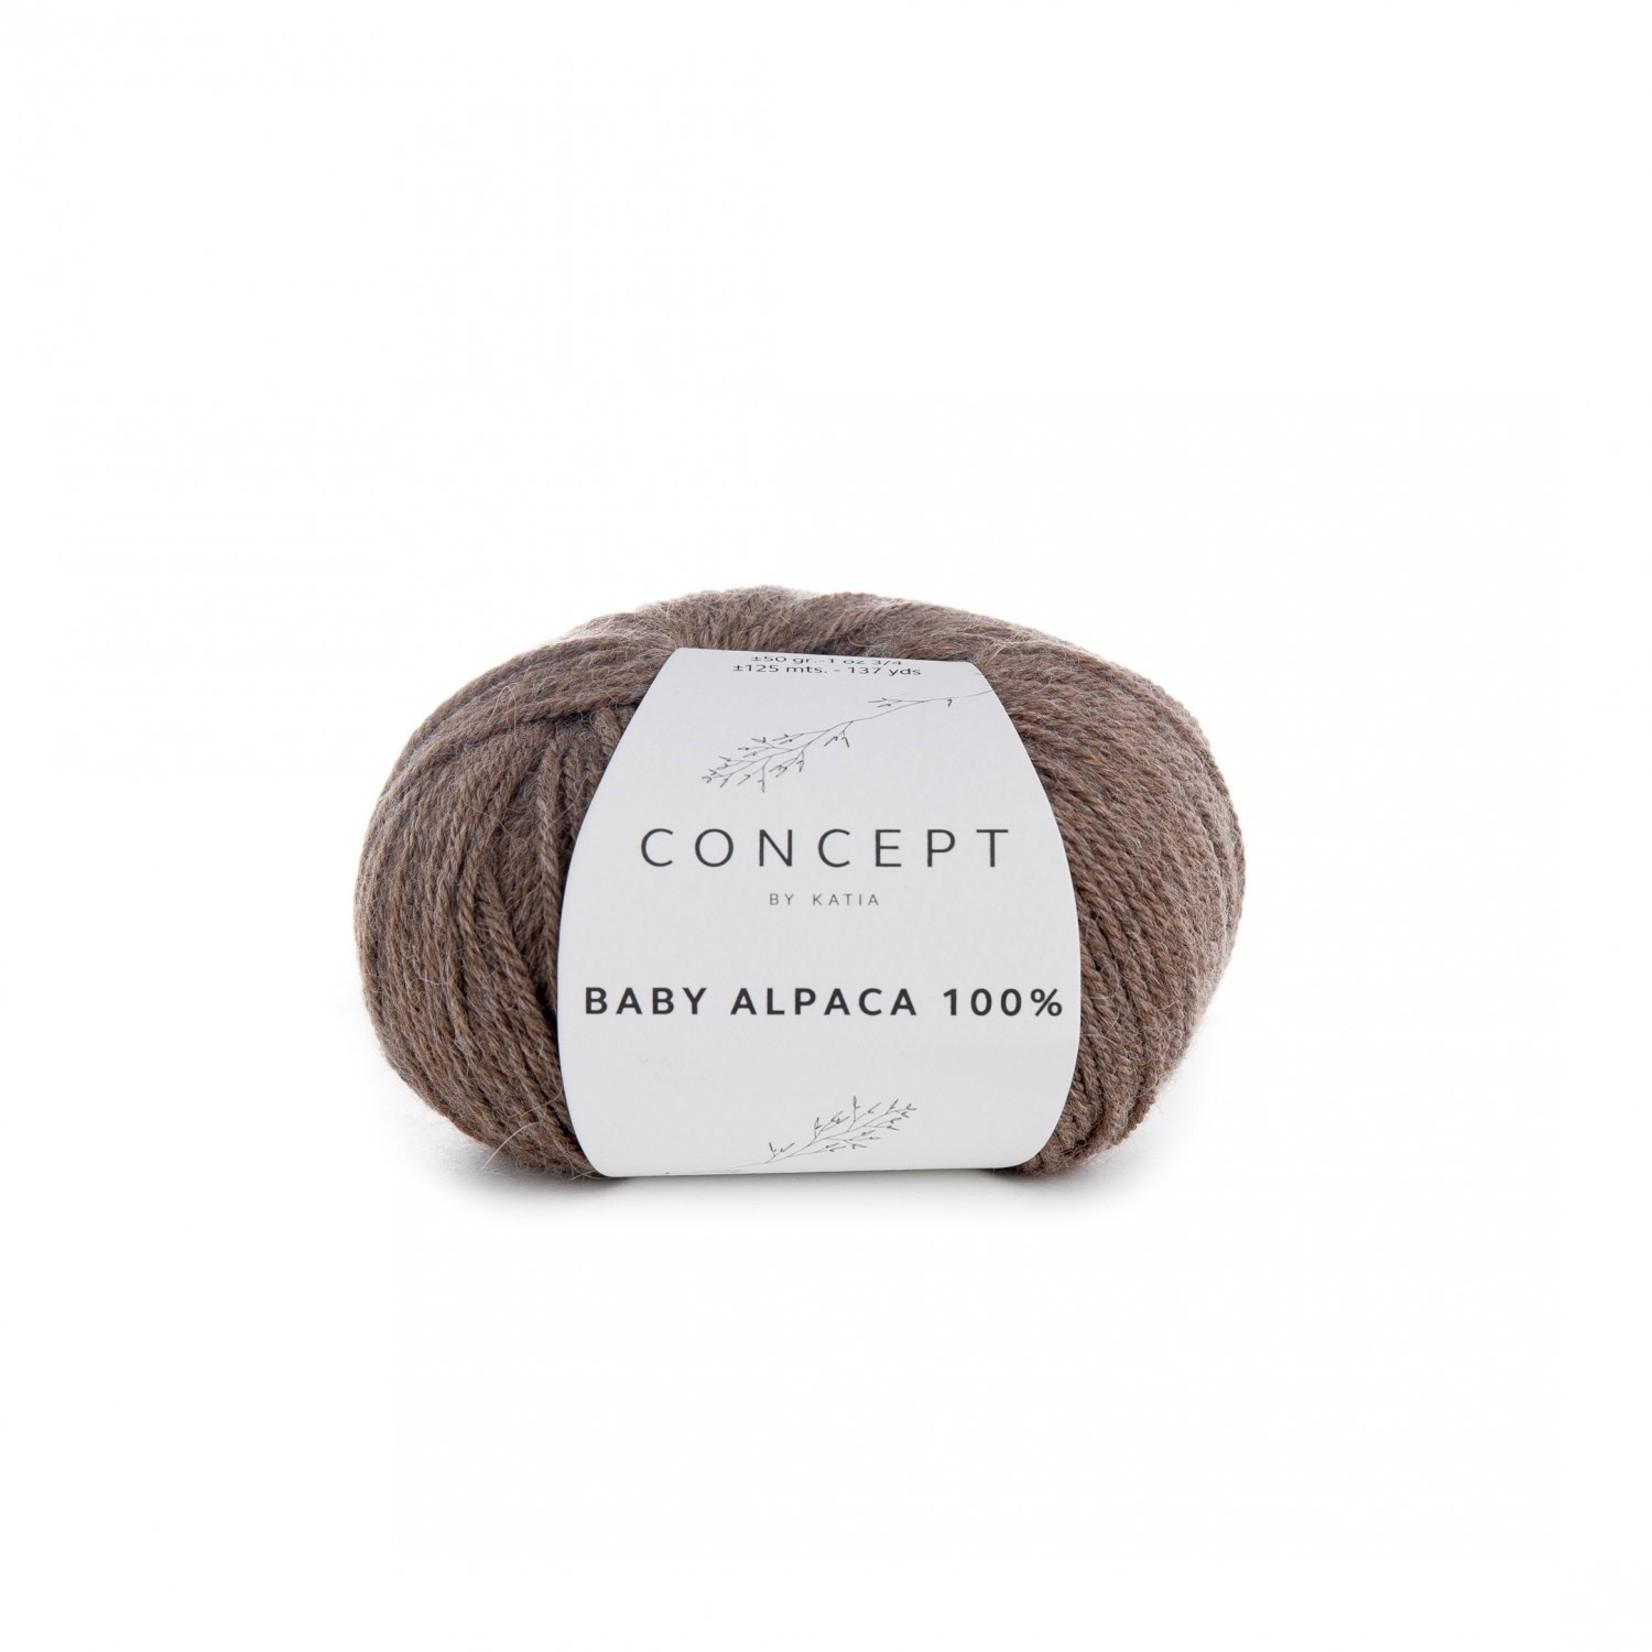 Katia Baby Alpaca 100% - kleur 501 - Reebruin - 50 gr. = 125 m. - 100% Baby Alpaca